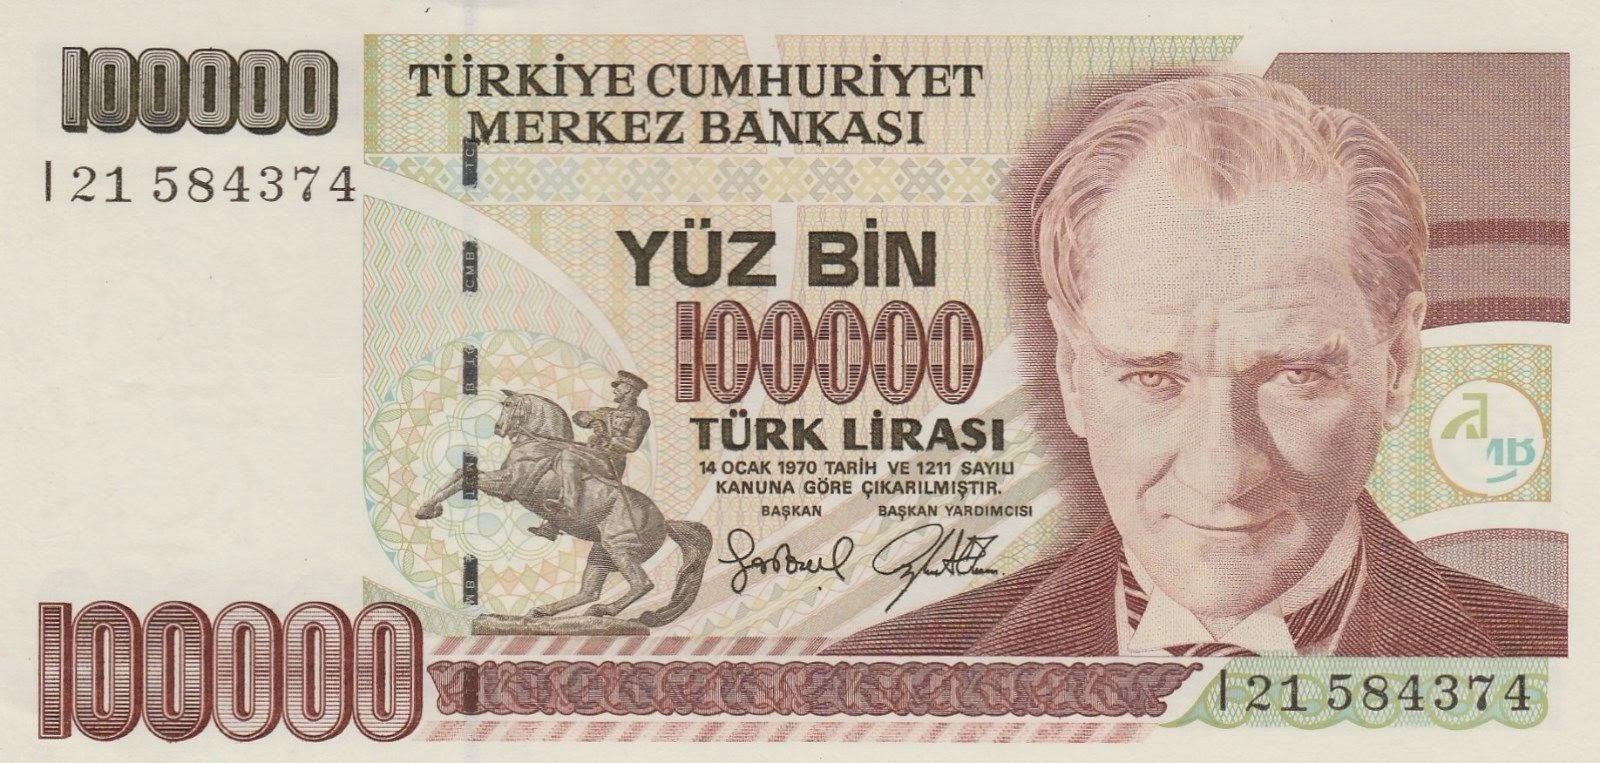 Turkey Banknotes 100000 Turkish Lira note Türk Lirasi 1996 Mustafa Kemal Atatürk